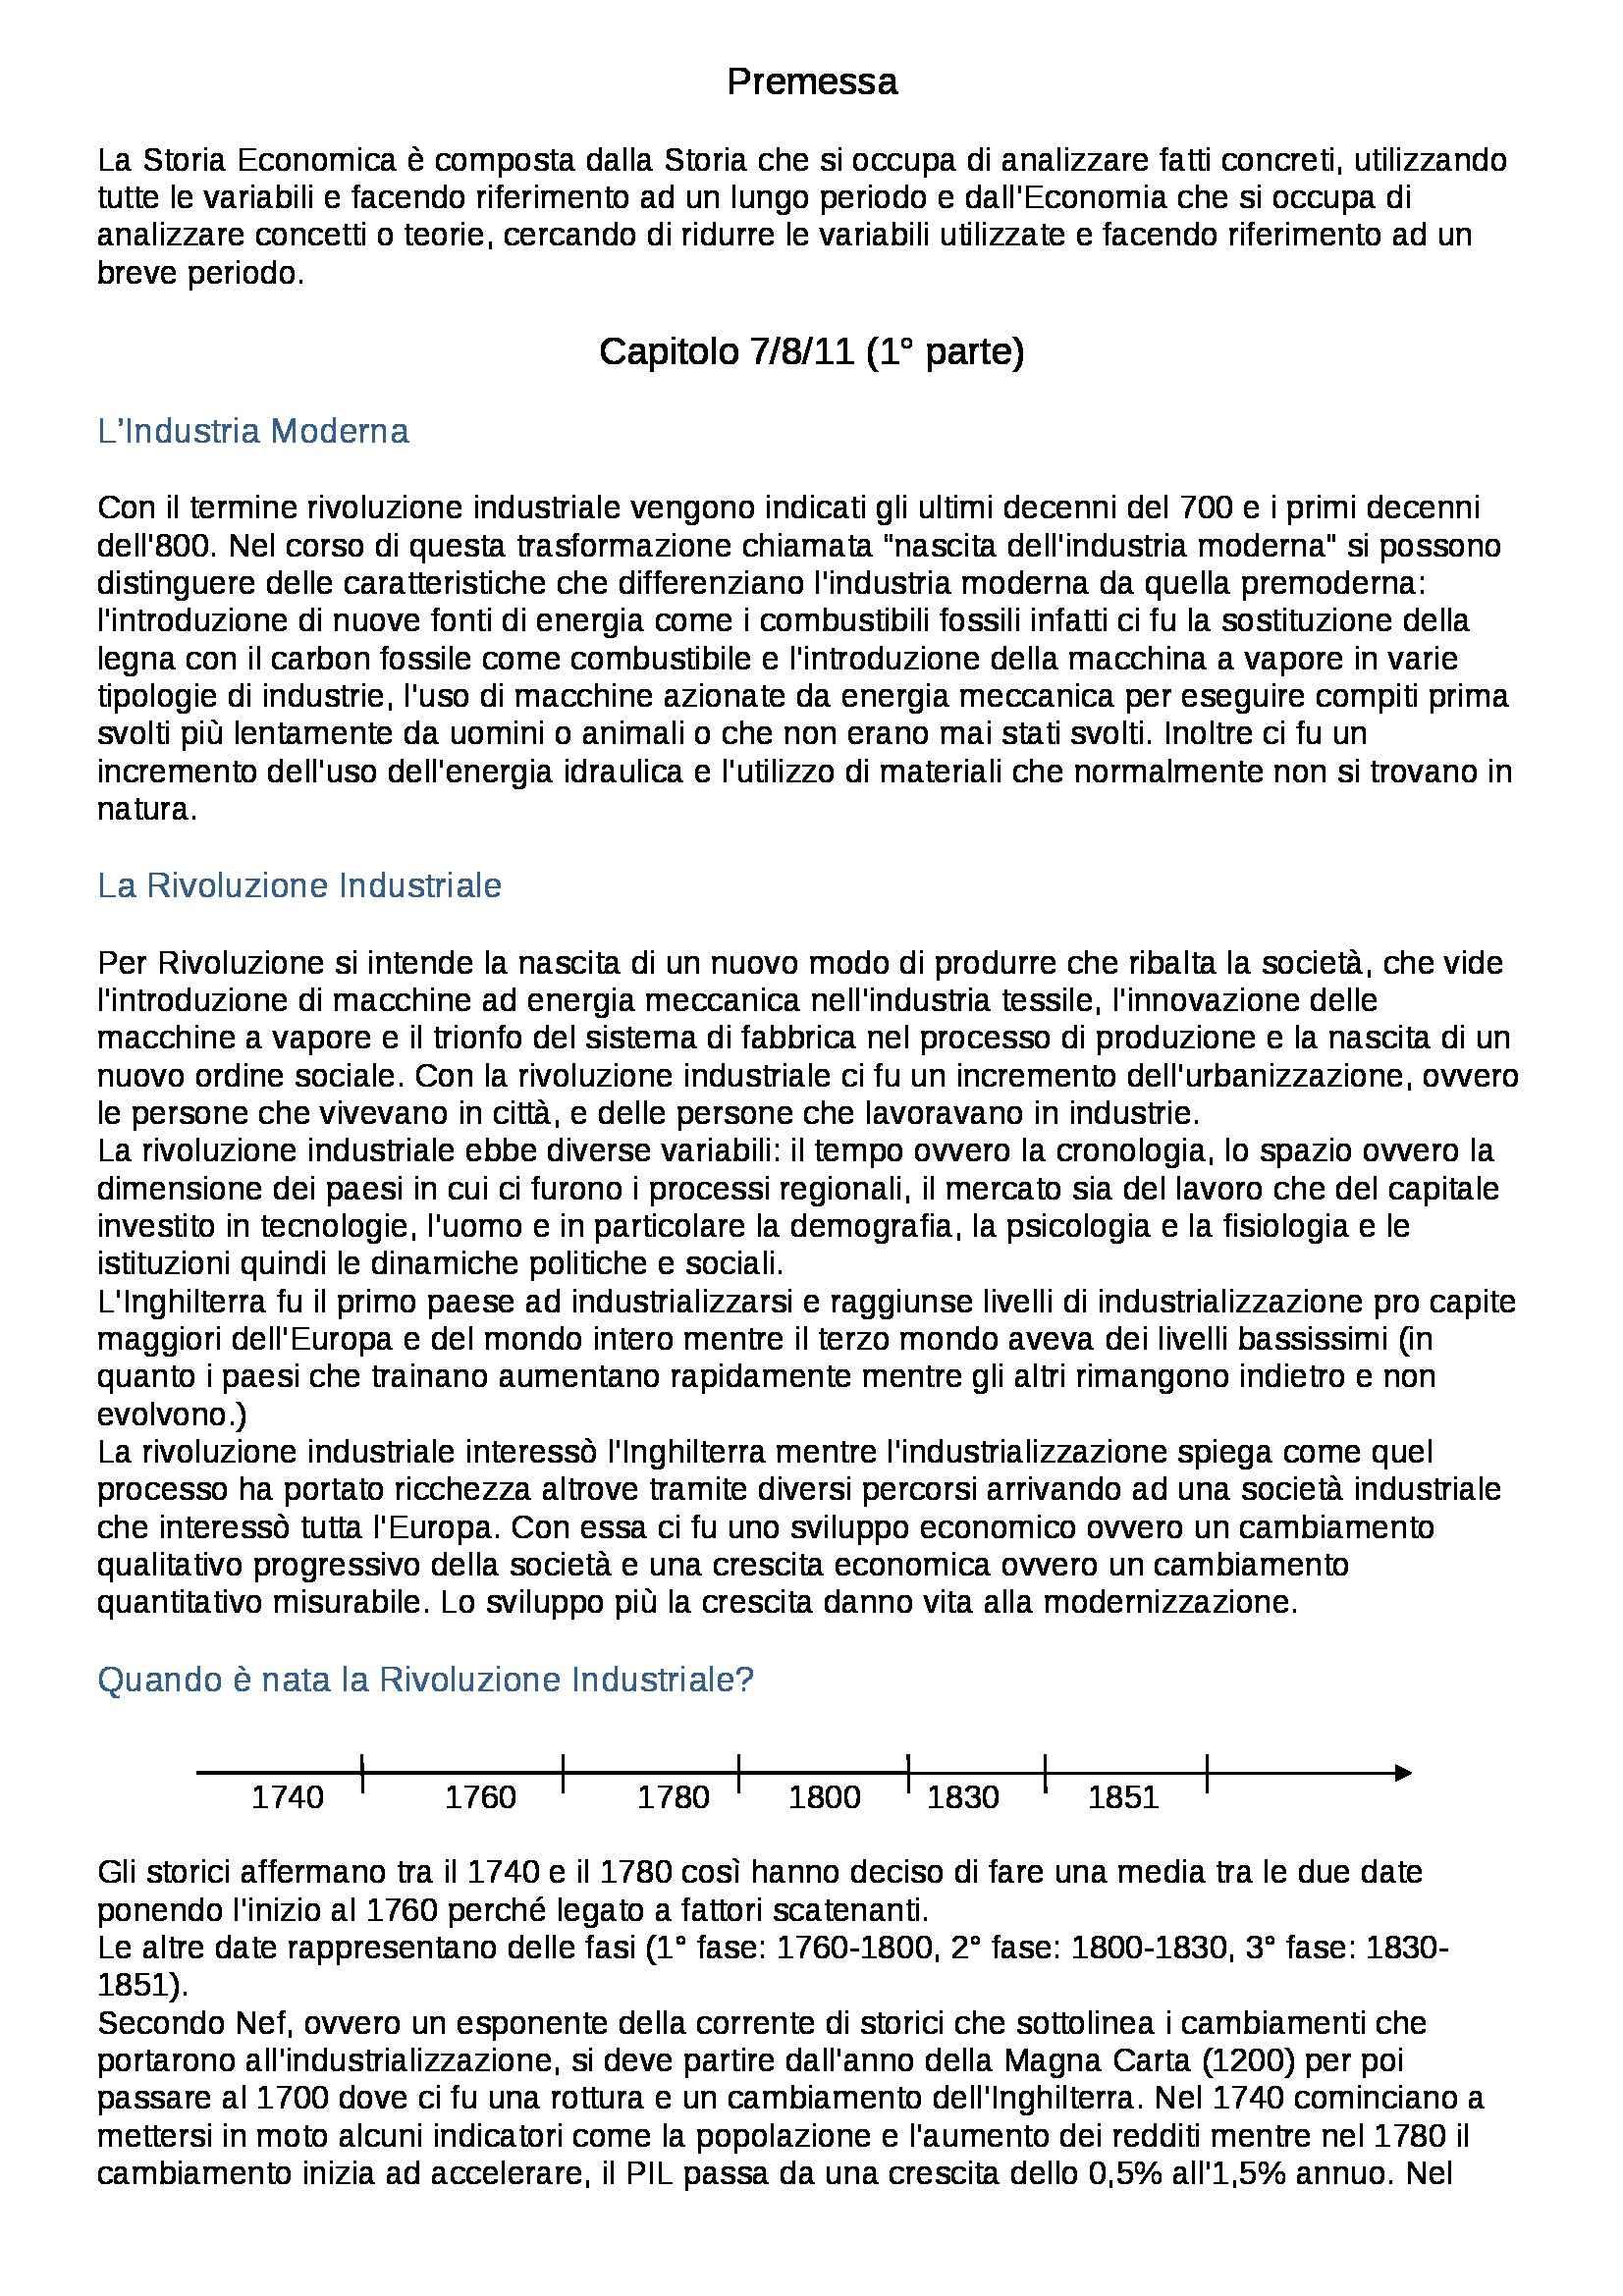 Riassunto esame Storia Economia - parte prima, prof. Carera